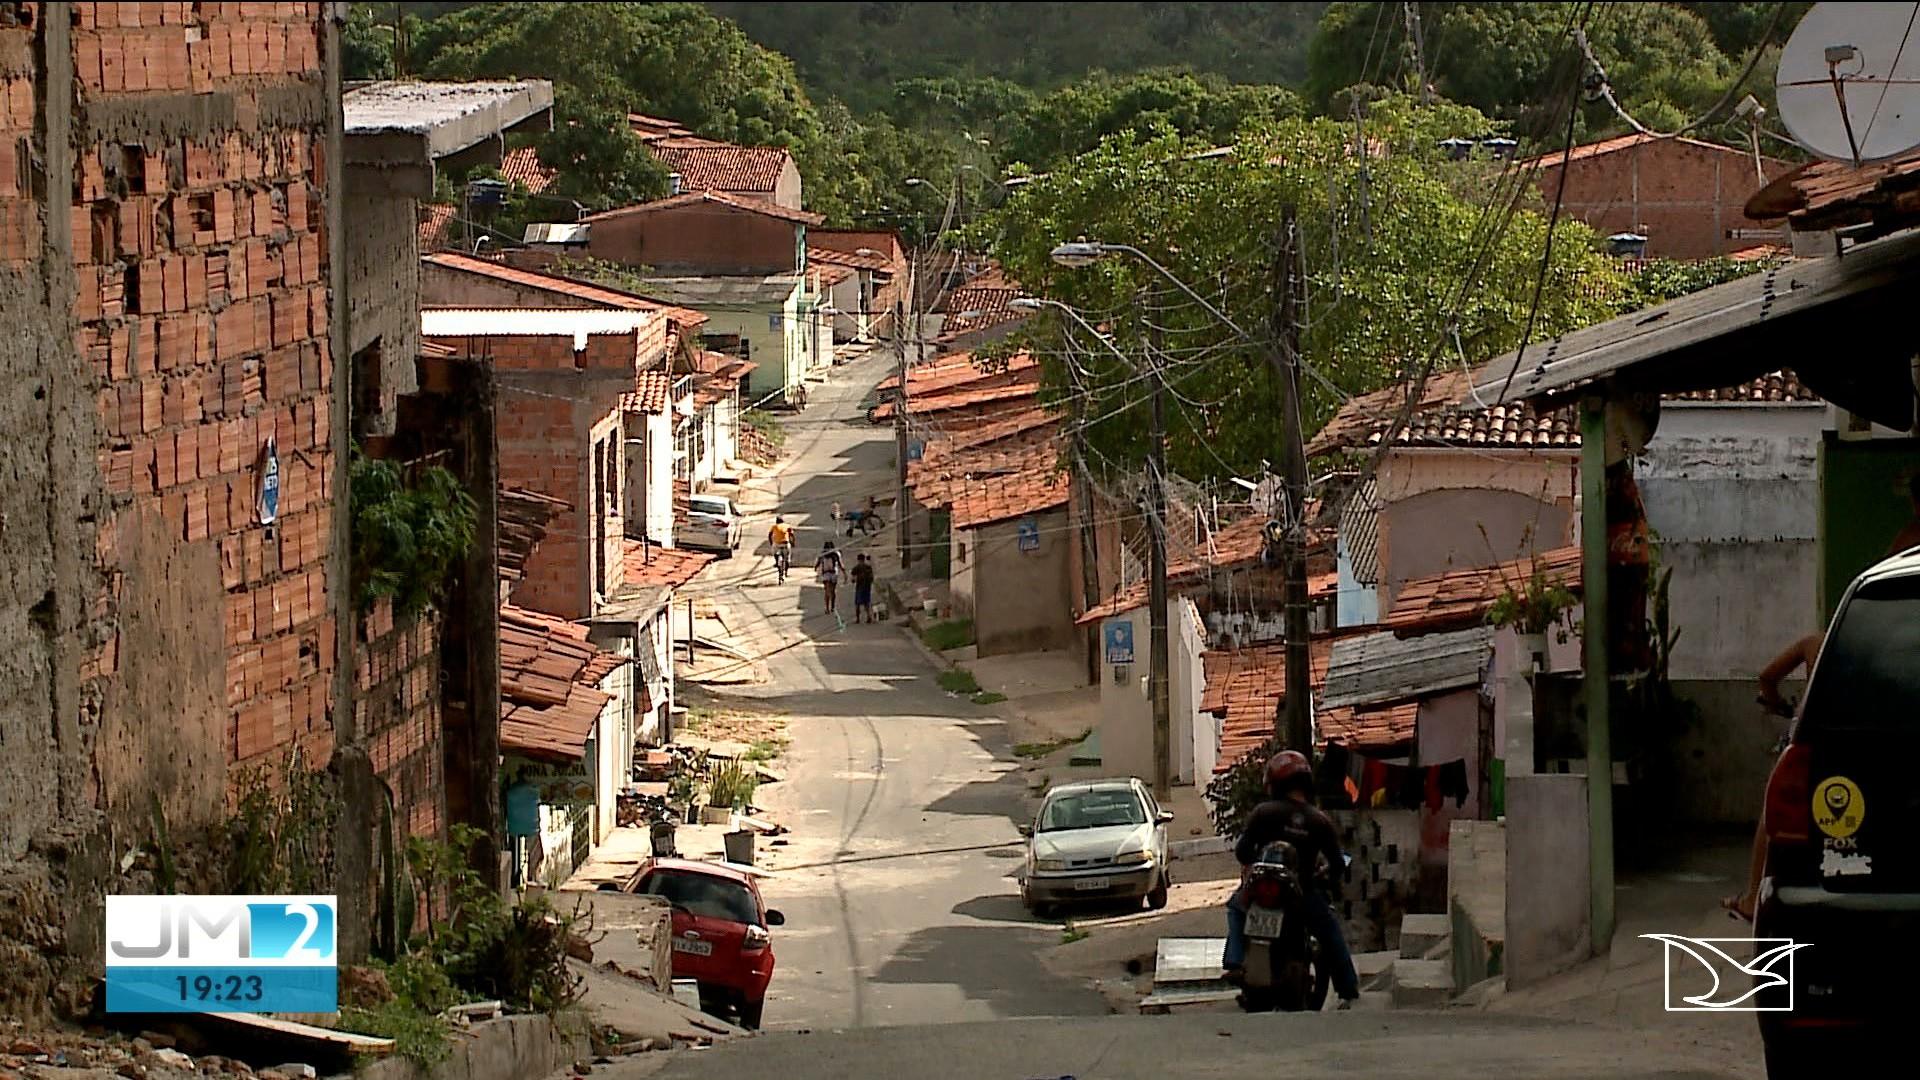 Defensora diz que há desigualdade social na vacinação contra a Covid em São Luís; Prefeitura nega